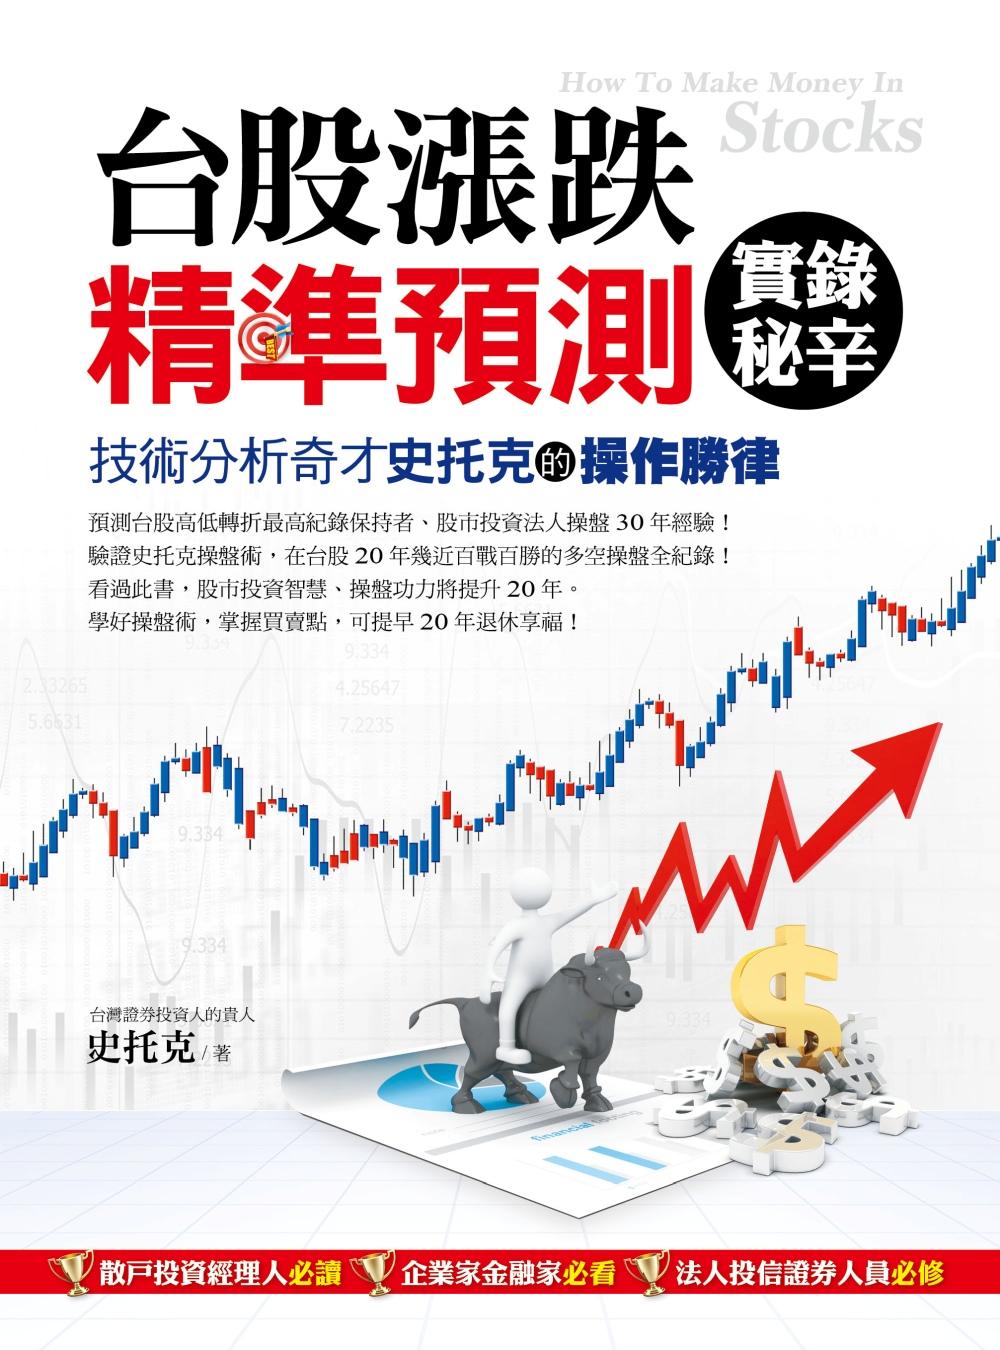 台股漲跌精準預測實錄秘辛